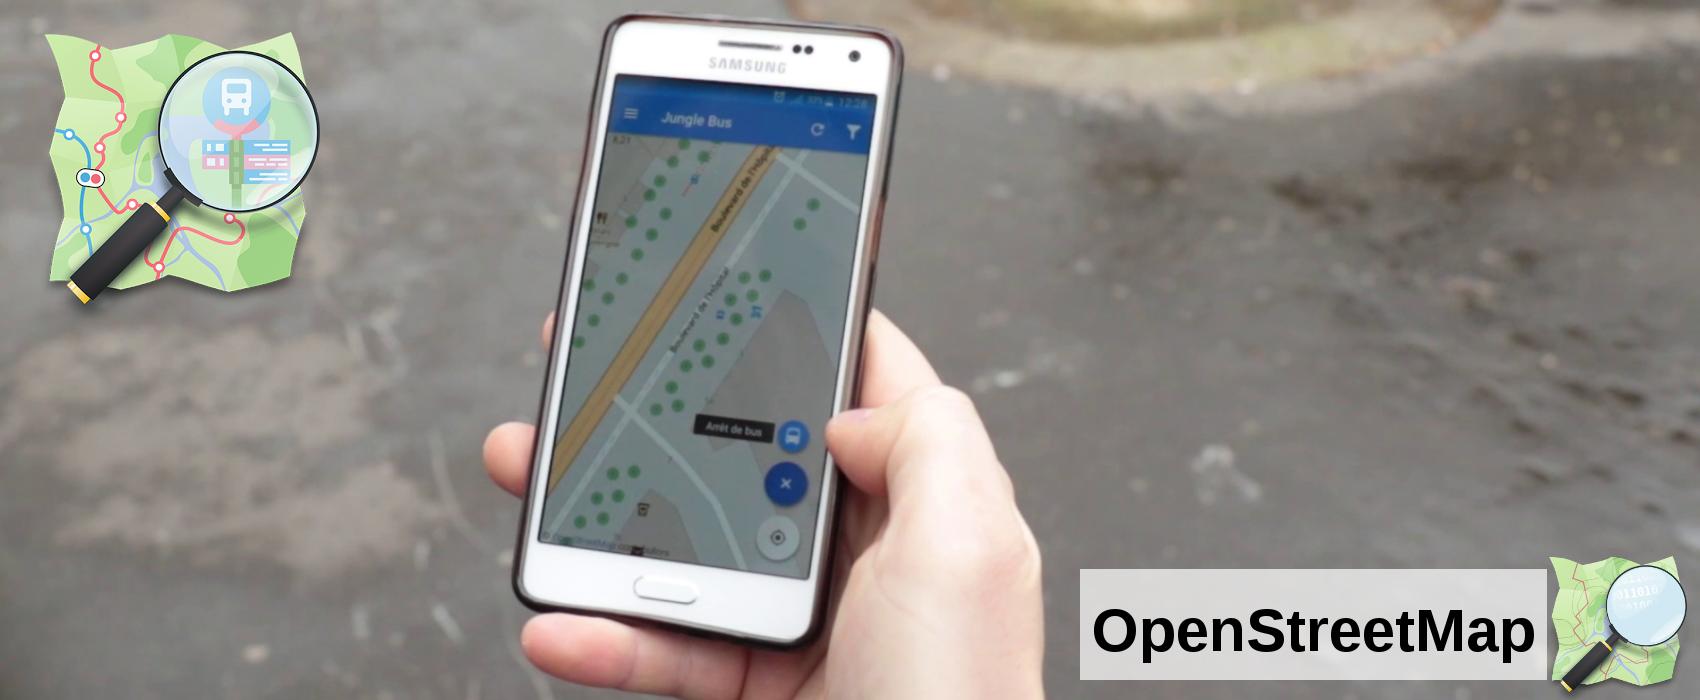 Cartographie et accessibilité : vous connaissez OpenStreetMap